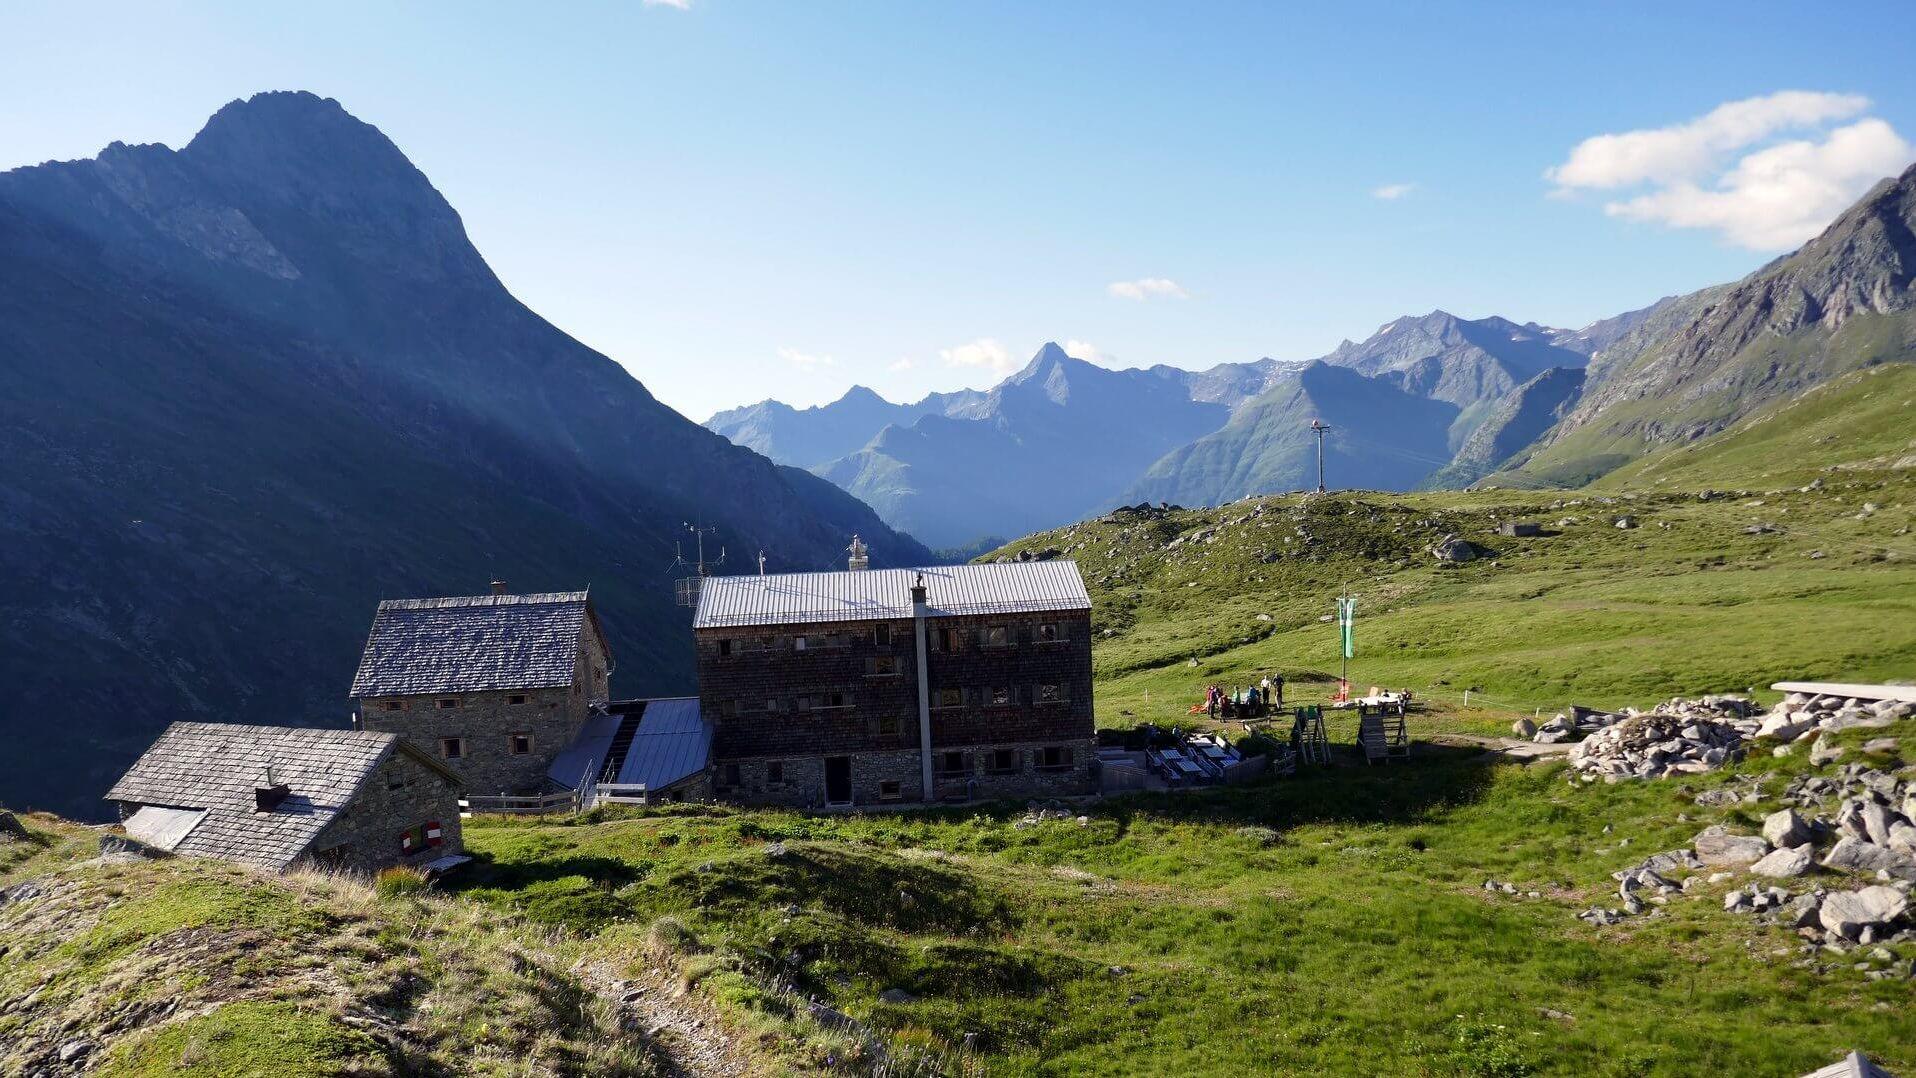 Essener-Rostocker-Hütte (2.208m) - Schutzhütte in Prägraten am Großvenediger